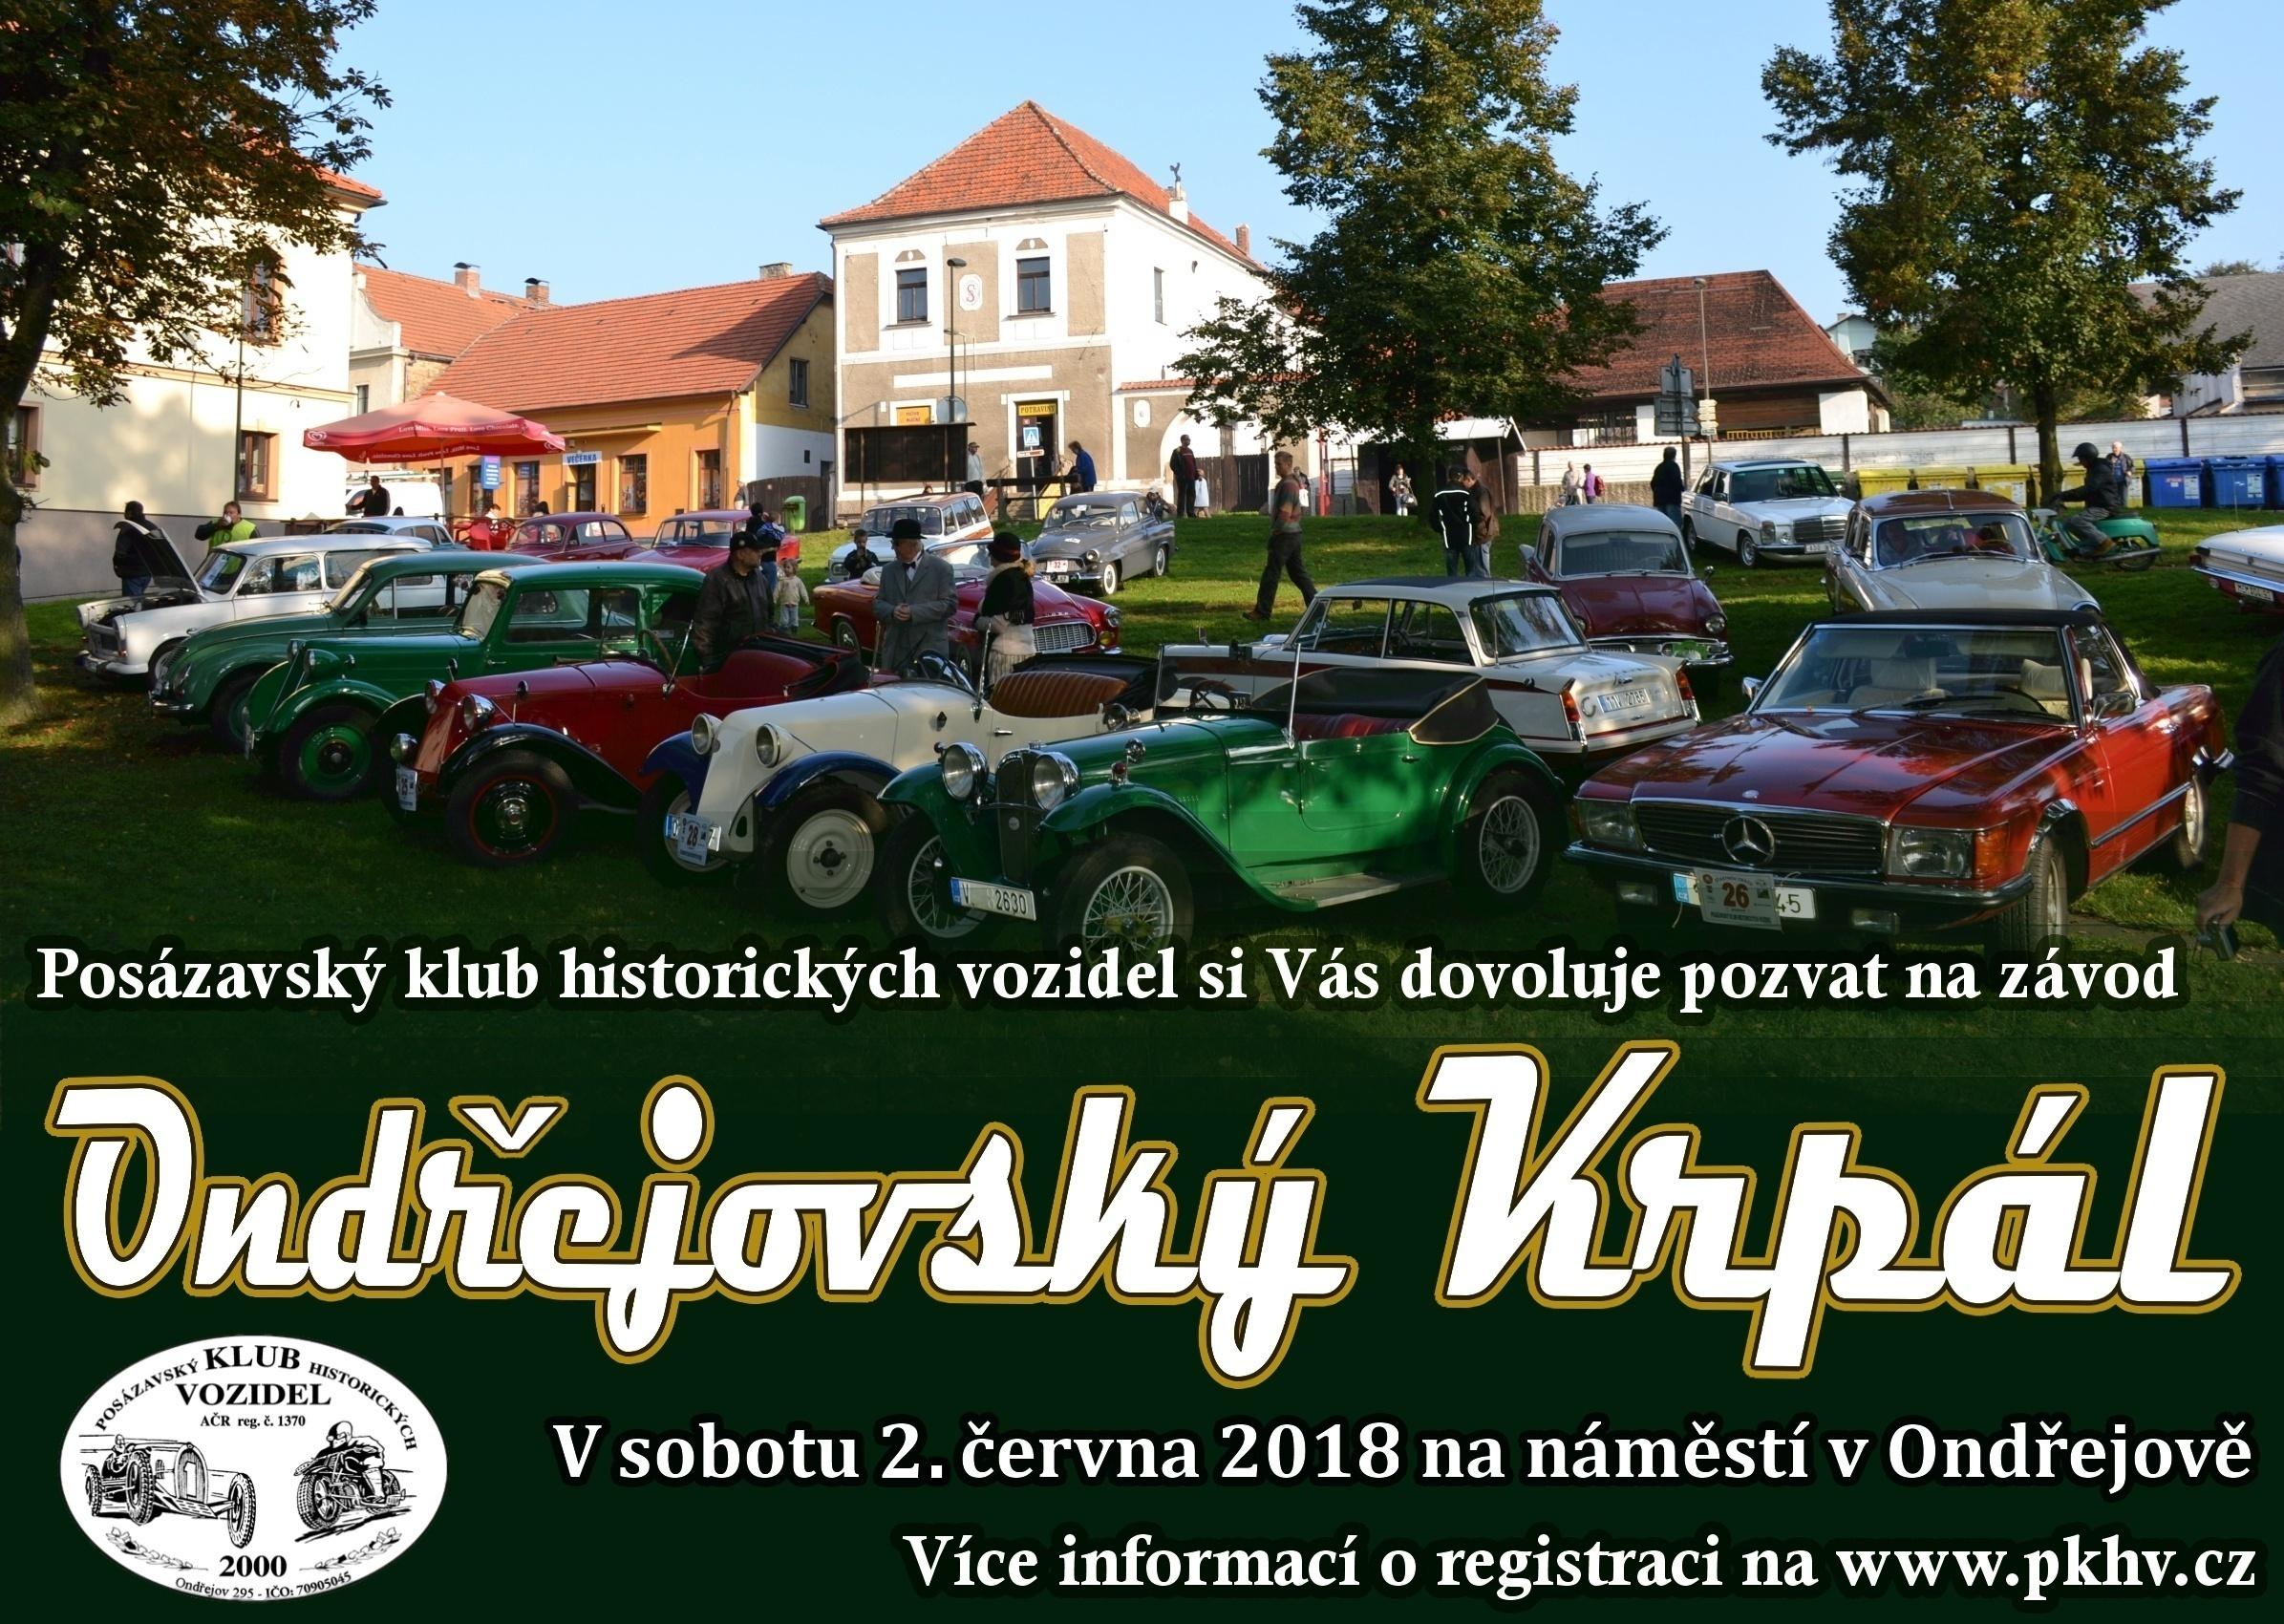 Ondřejovský krpál 2018